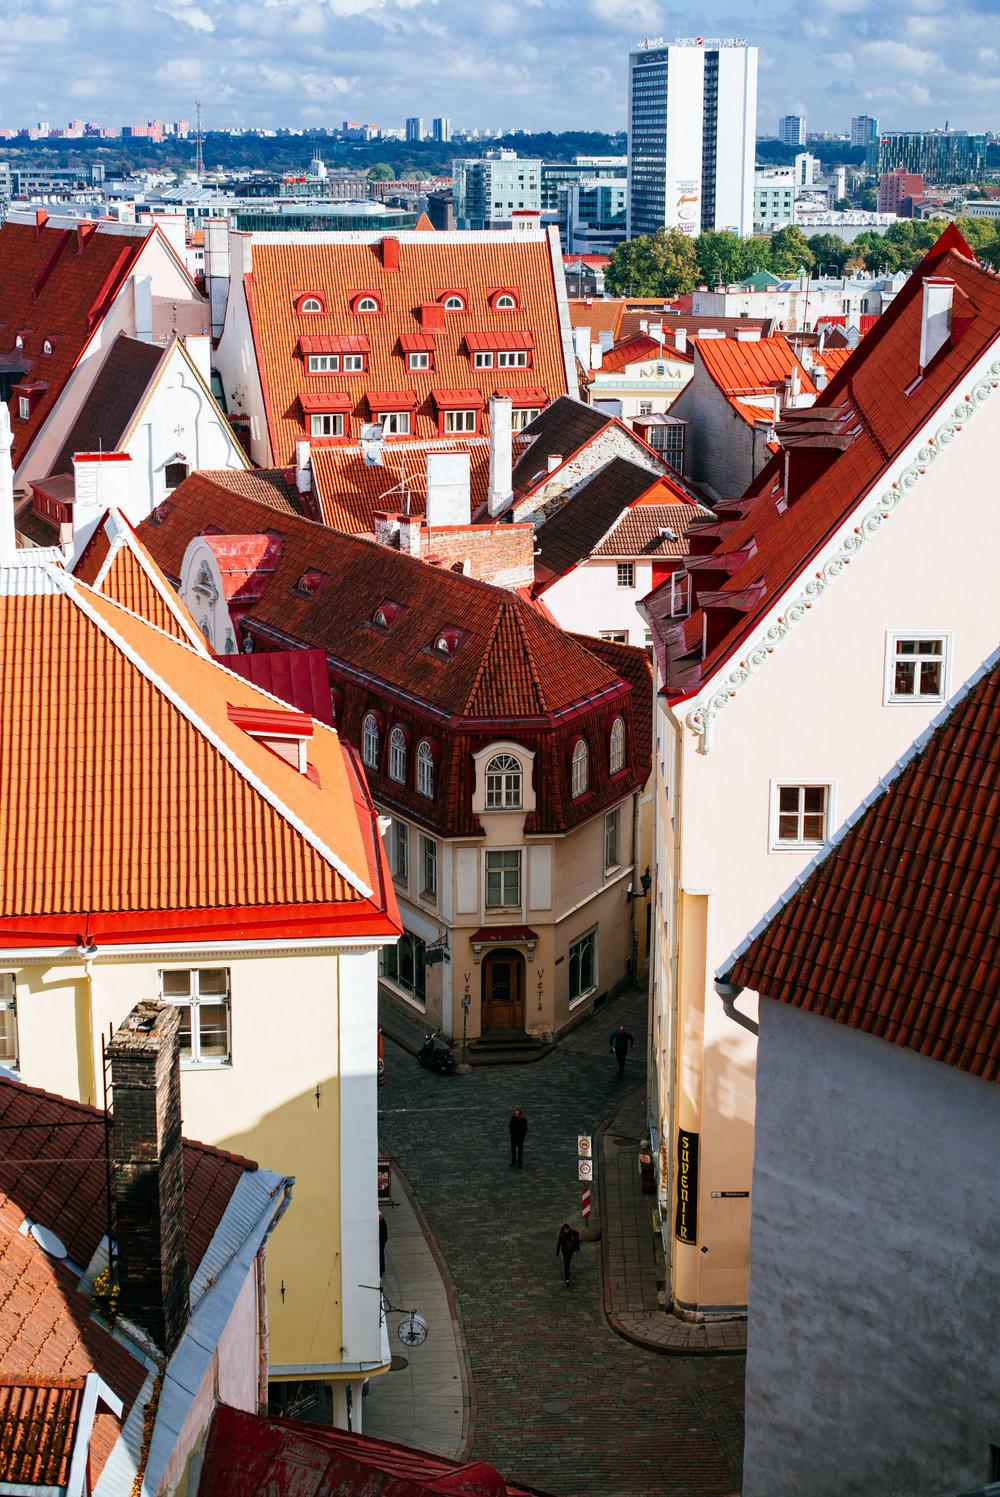 Pikk Street,Tallinn Old Town